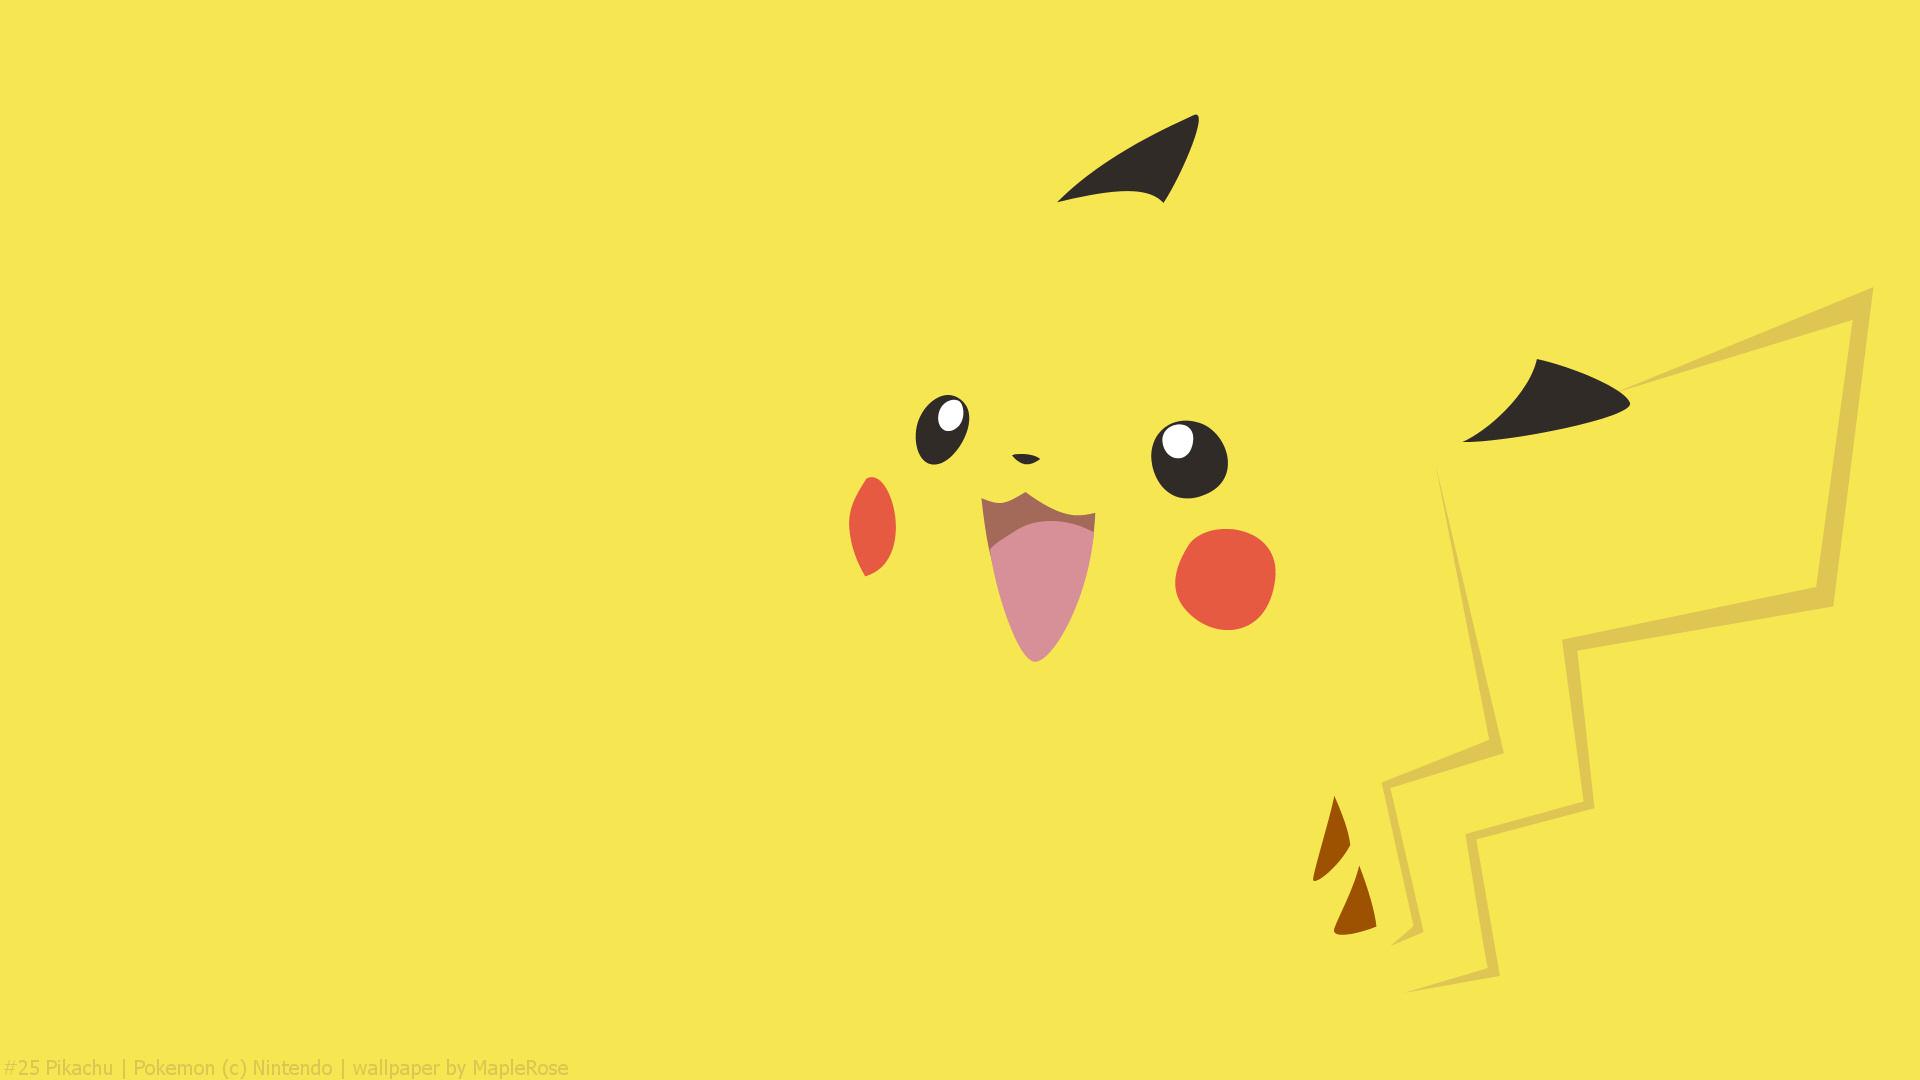 Pokemon Pikachu Wallpaper 1920x1080 Pokemon Pikachu 1920x1080